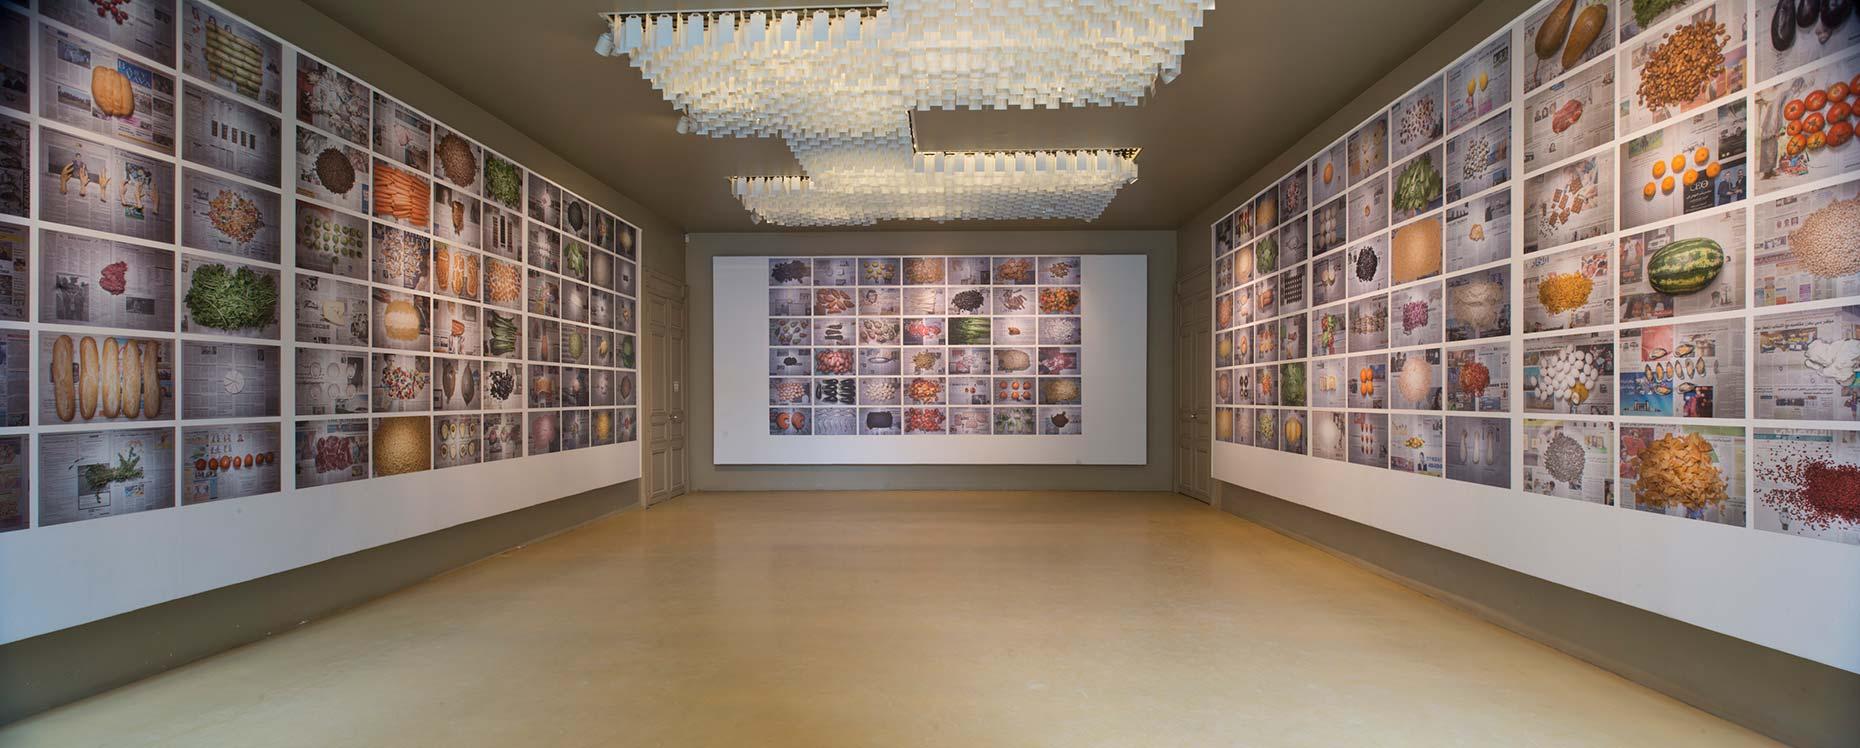 Les Nuits Photographiques, exhibition view